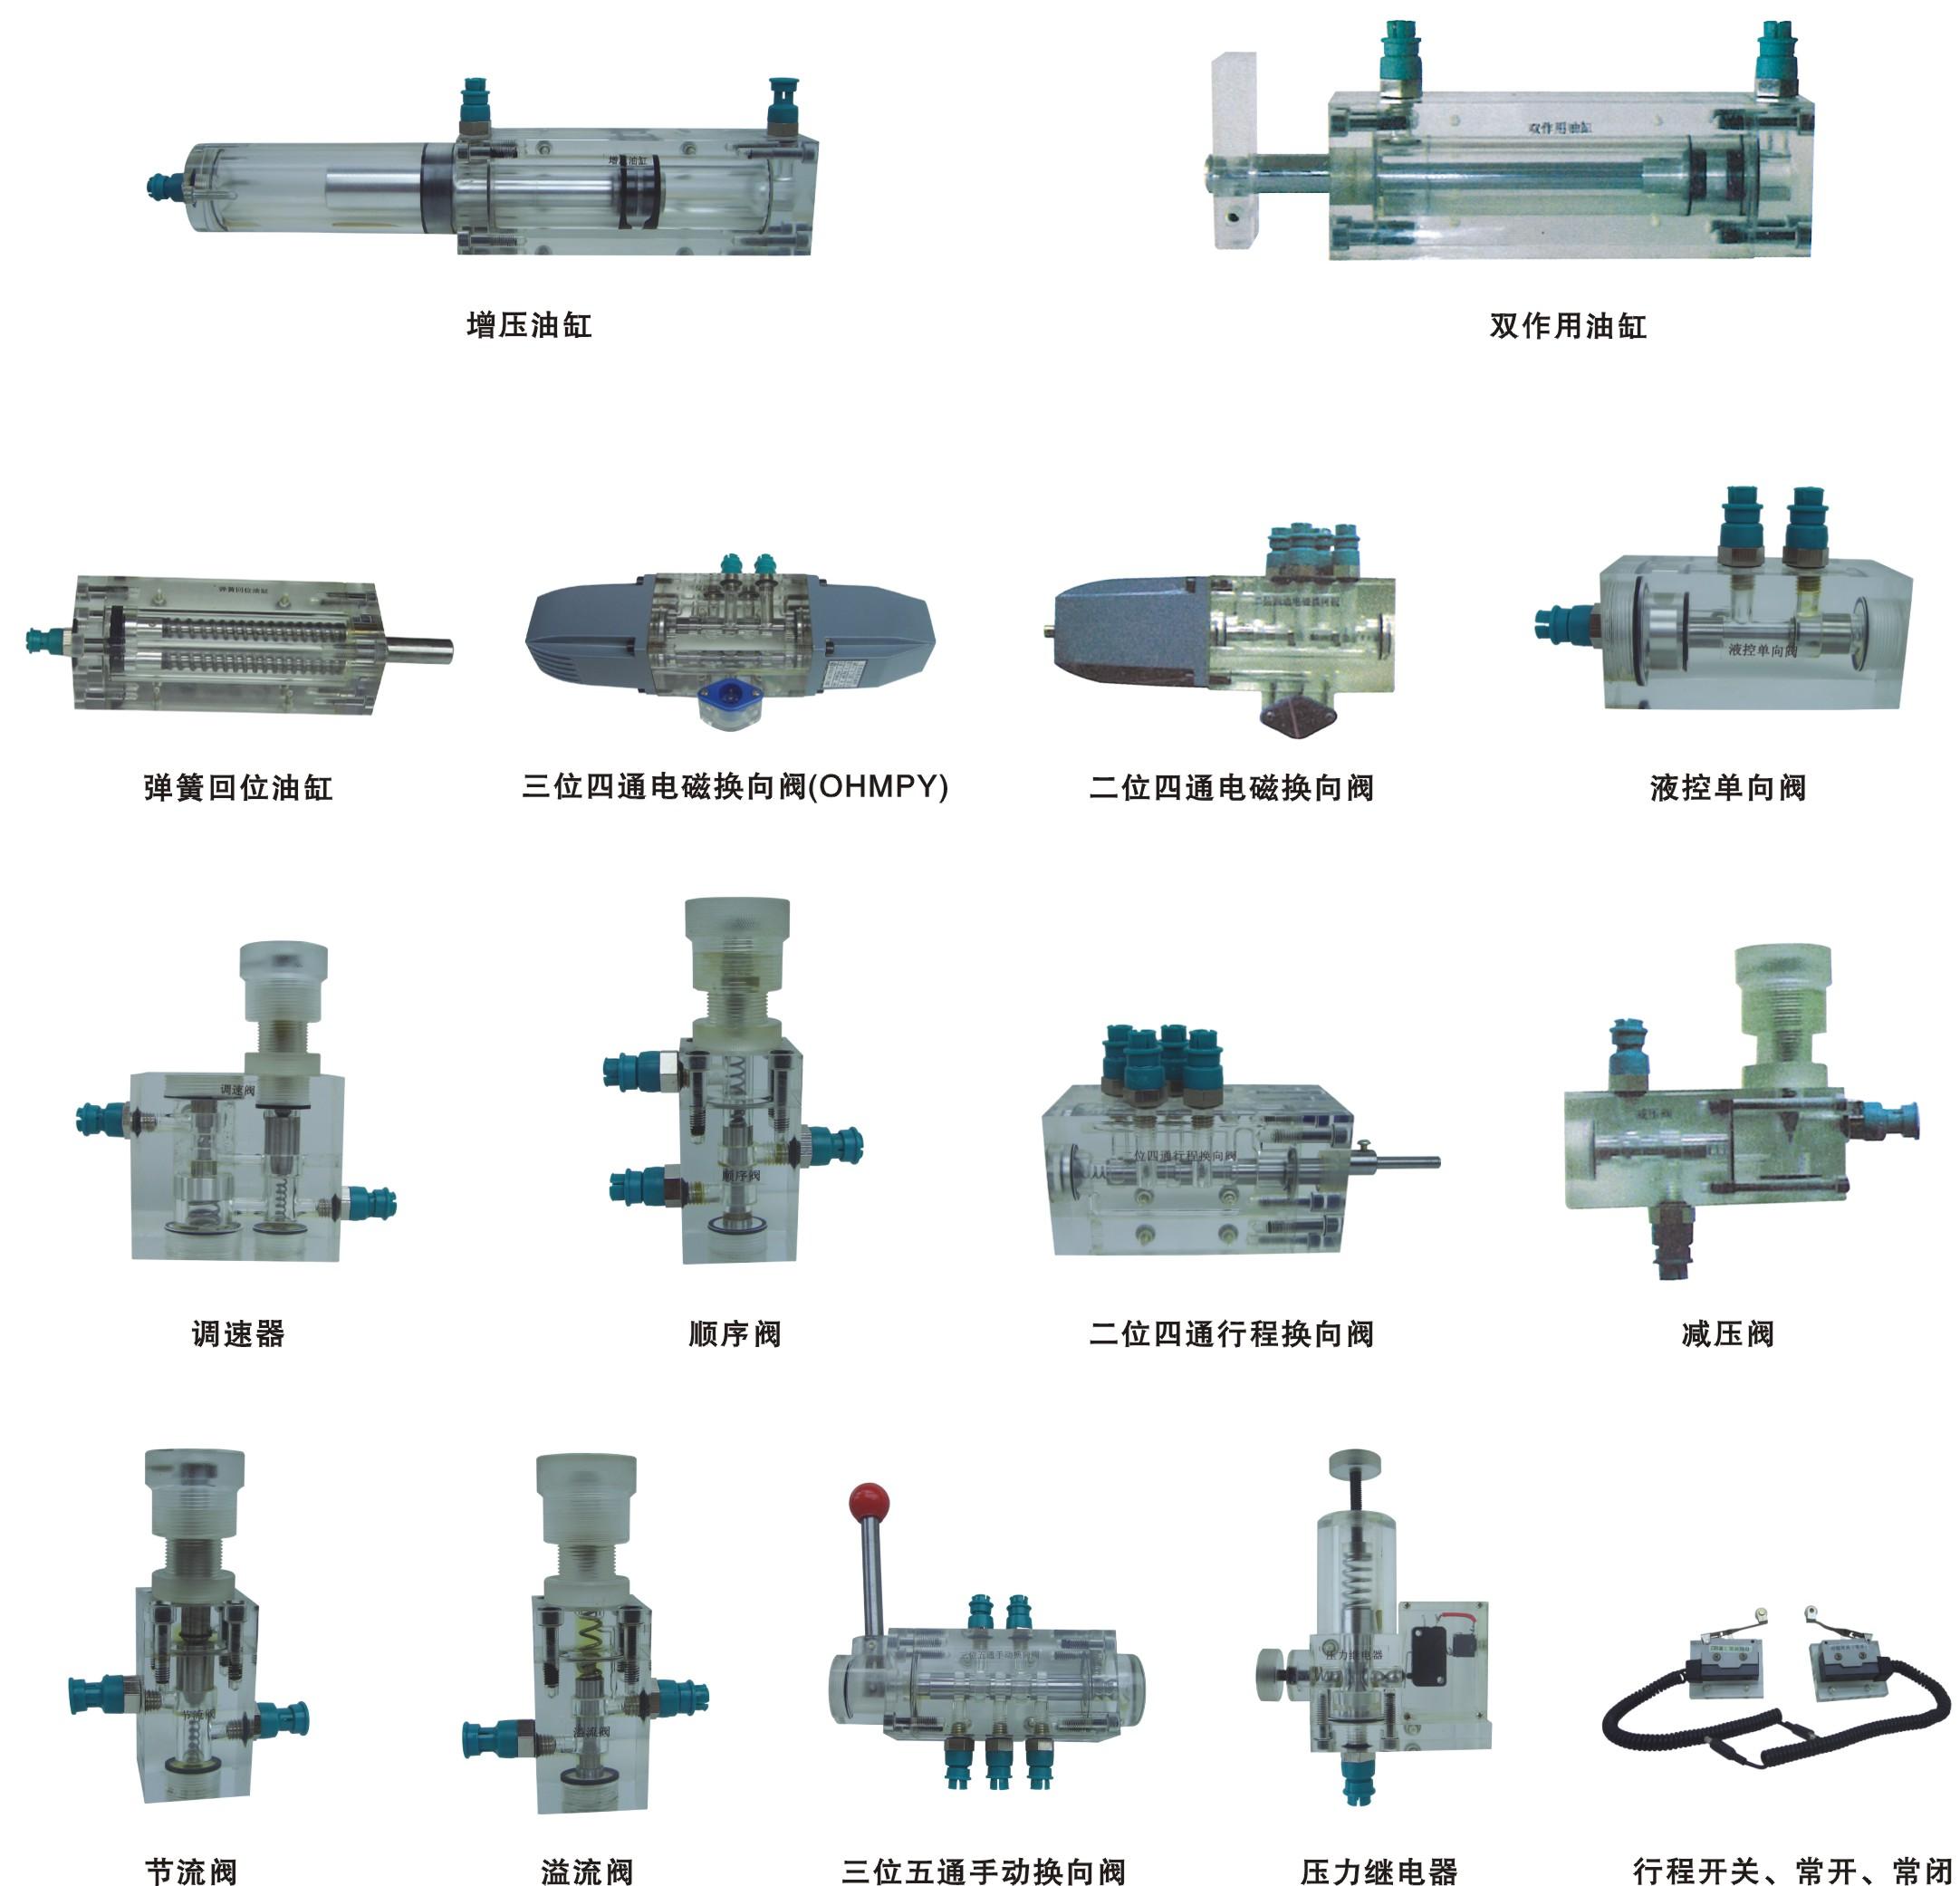 液压plc控制实训装置,透明液压传动实验装置